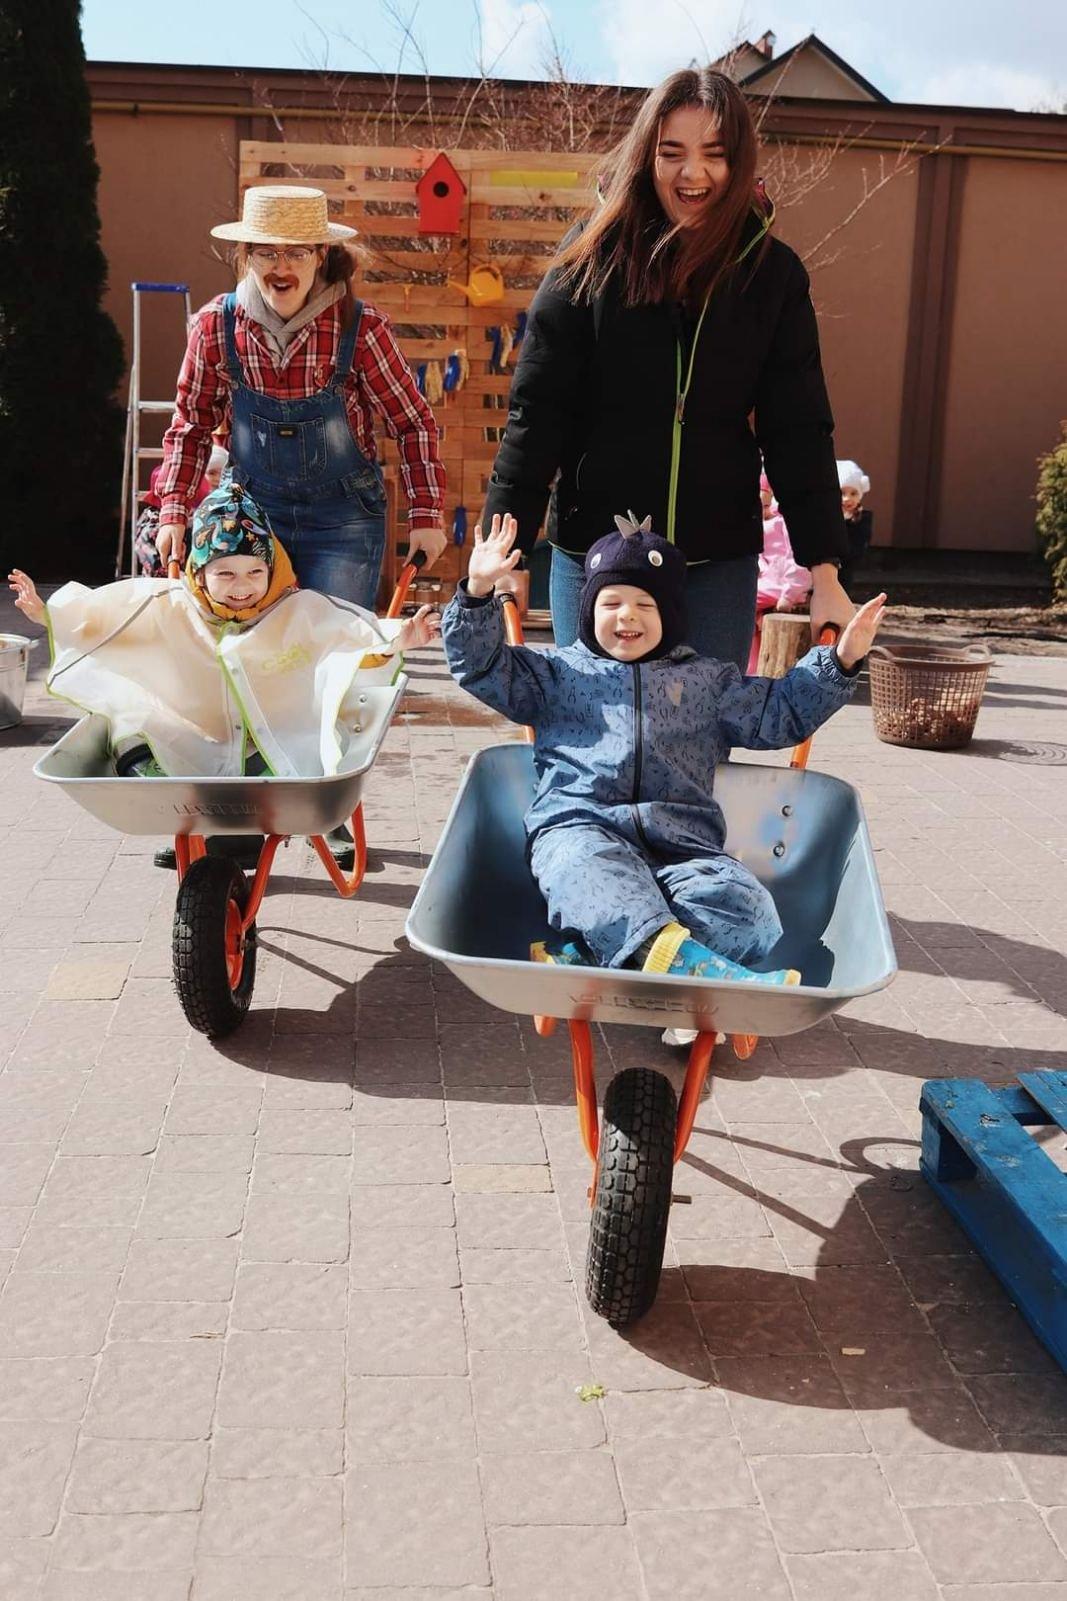 Розвиток дитини у Львові: гуртки, дитячі садки, розвиваючі та мовні центри, фото-26